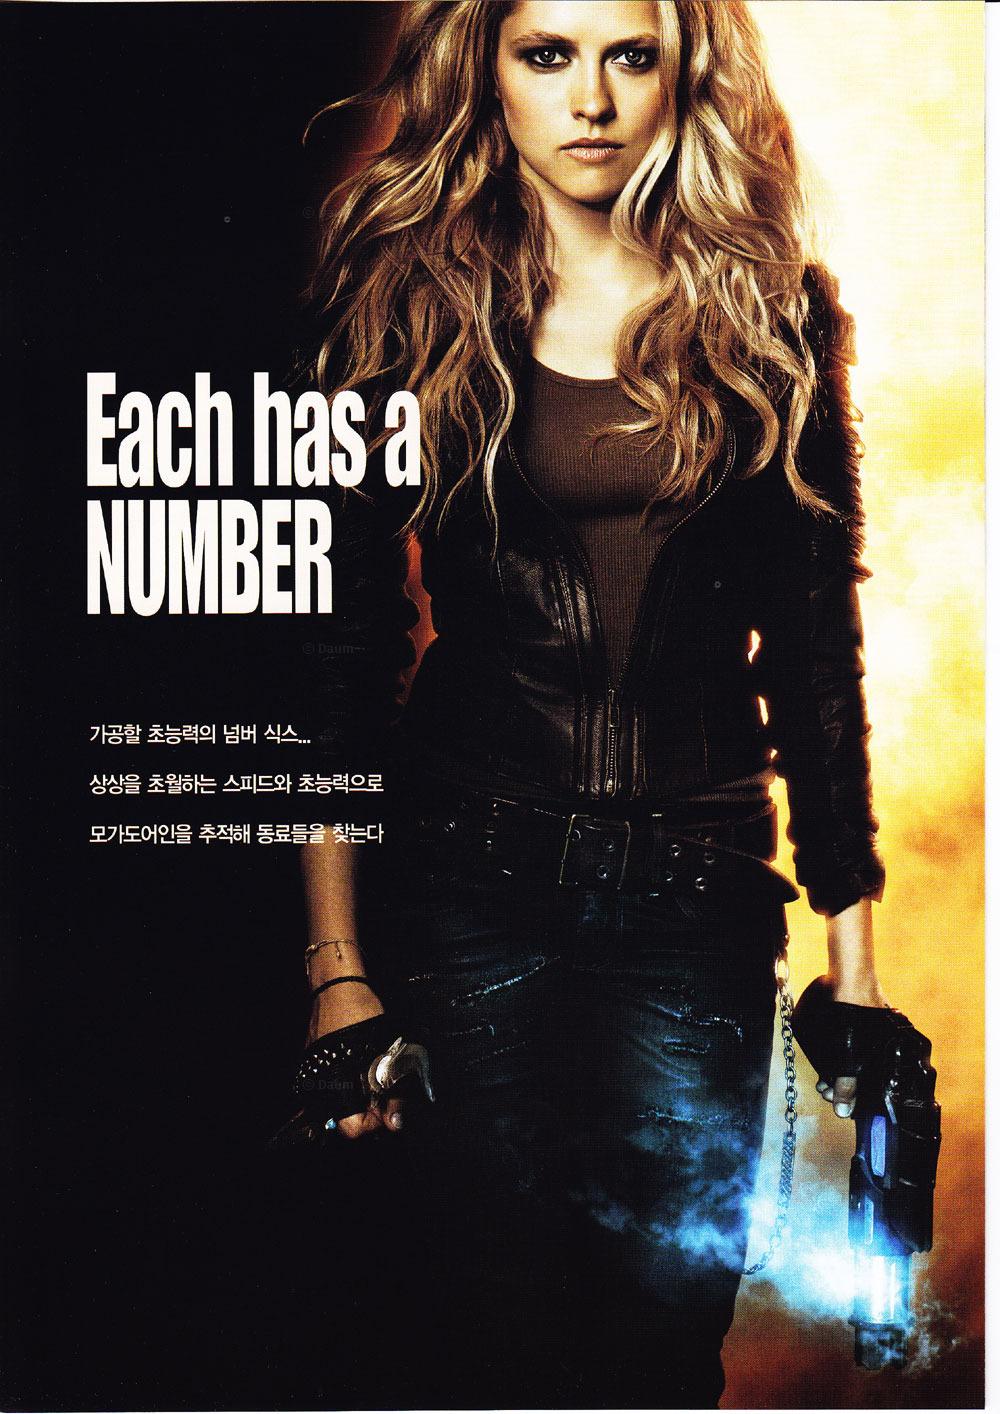 뮤비파일 :: 아이엠 넘버포 I Am Number Four, 2011 의외로 재밋는 영화 다시보기 I Am Number Four Movie Six